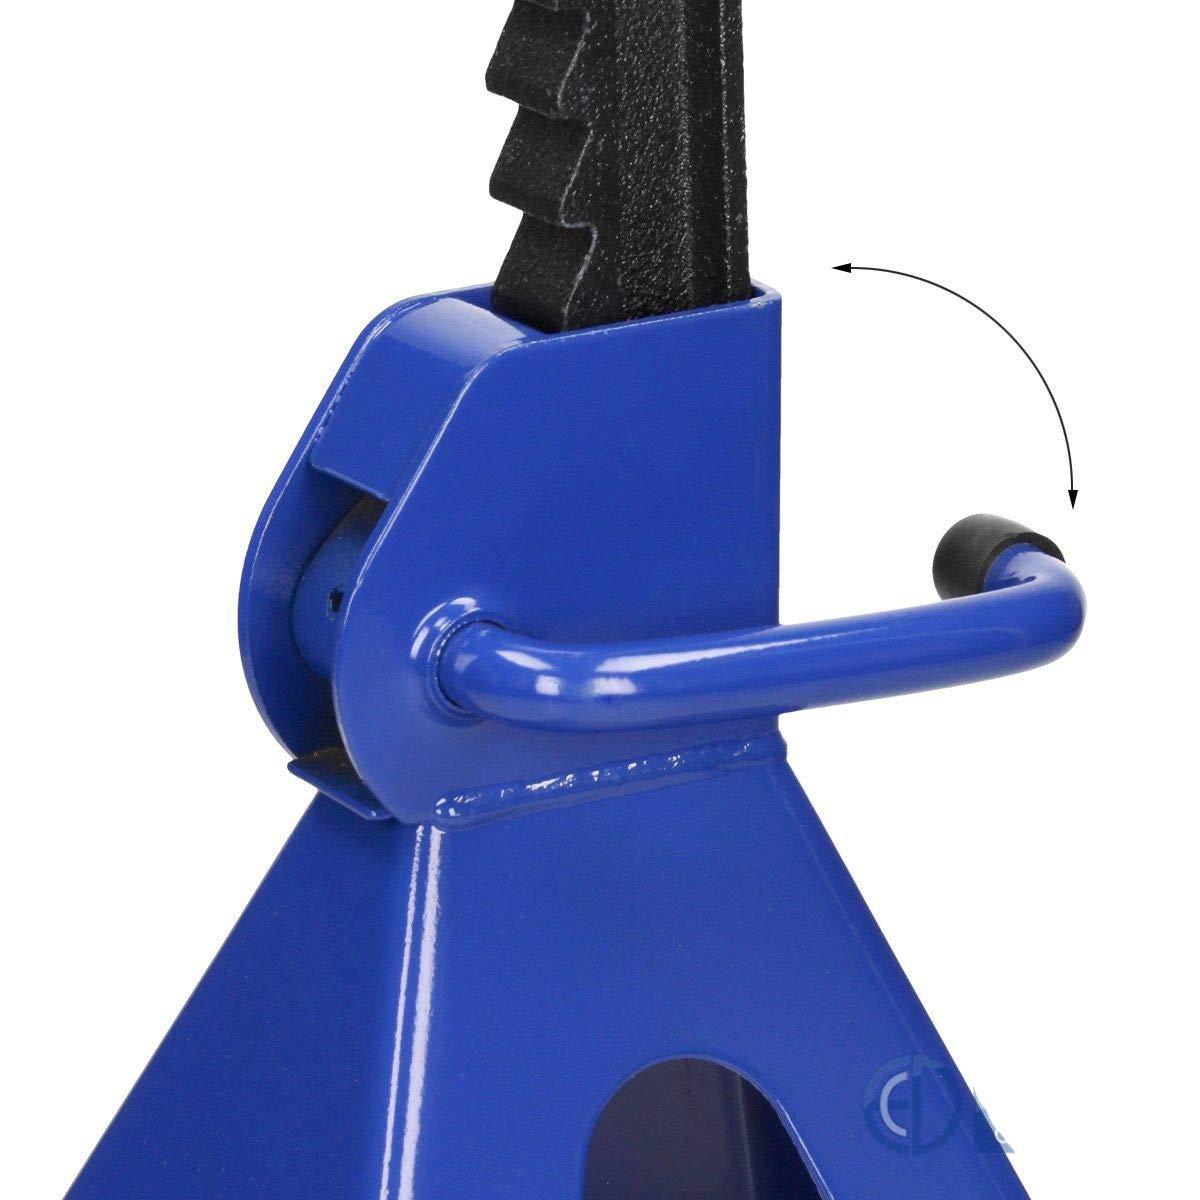 Tools 3 Ton Heavy Duty Car Van Vehicle Garage Workshop Ratchet Type Steel Lift Jack Axle Stands 4 Pack